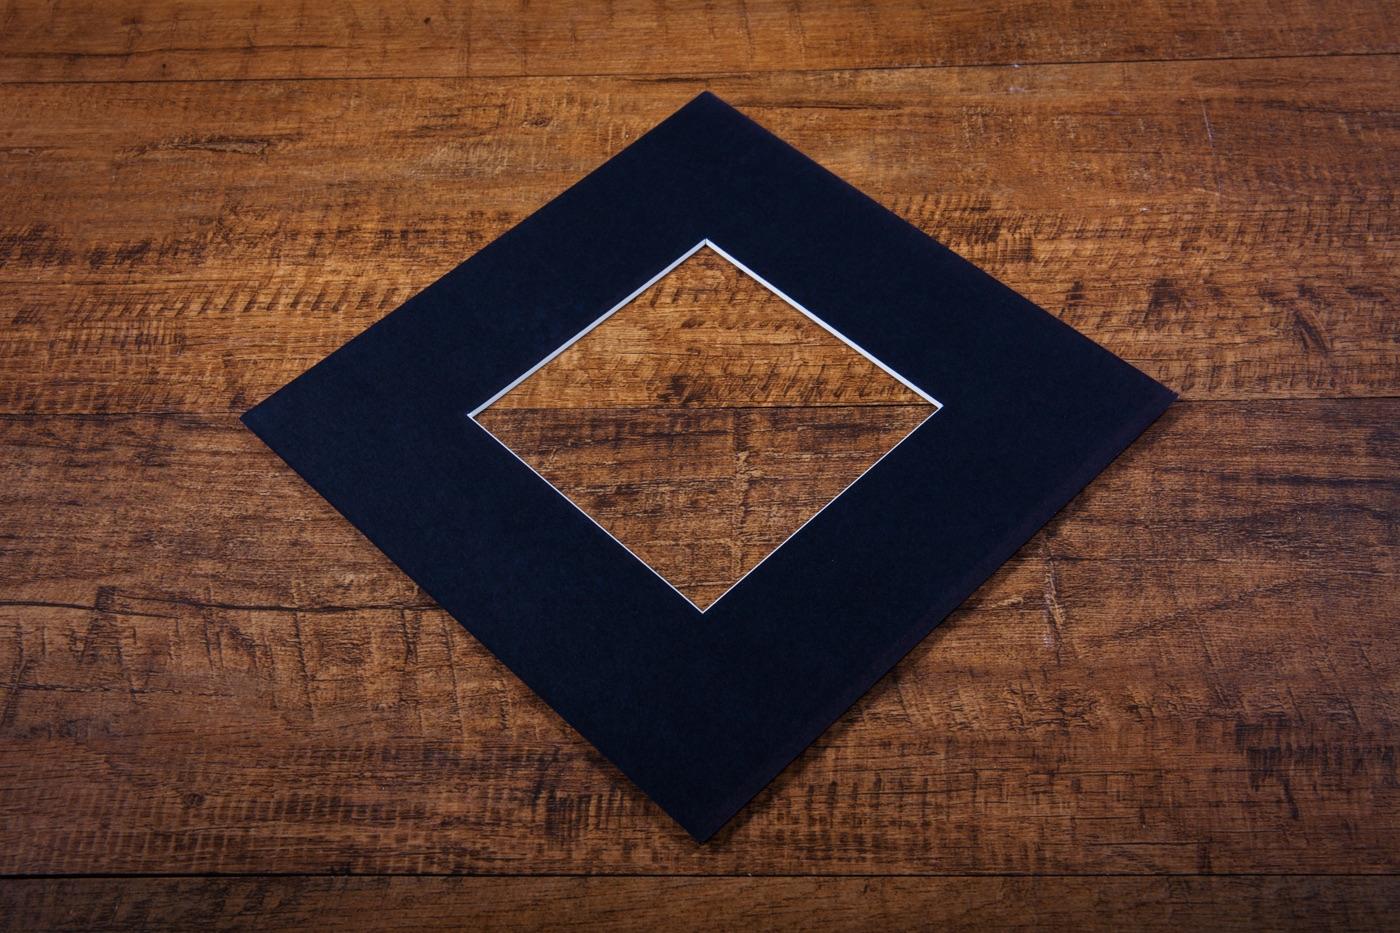 Black Mount Board